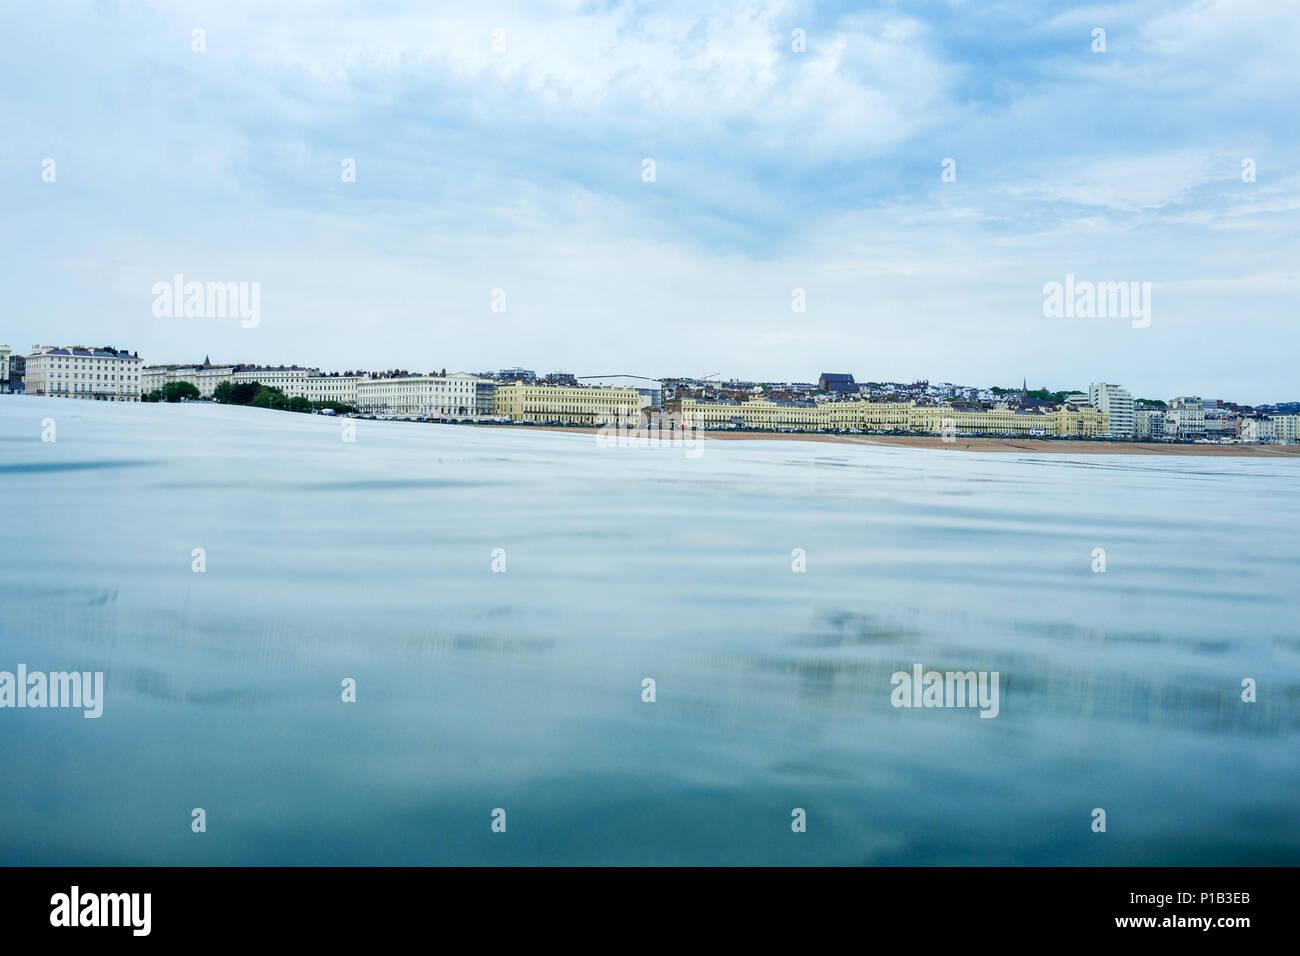 Brighton Seafront punto de vista desde el mar, en el fondo es una tranquila copa como mar plana en el oriente es el horizonte de Brighton, Reino Unido, con el I360 vie Imagen De Stock